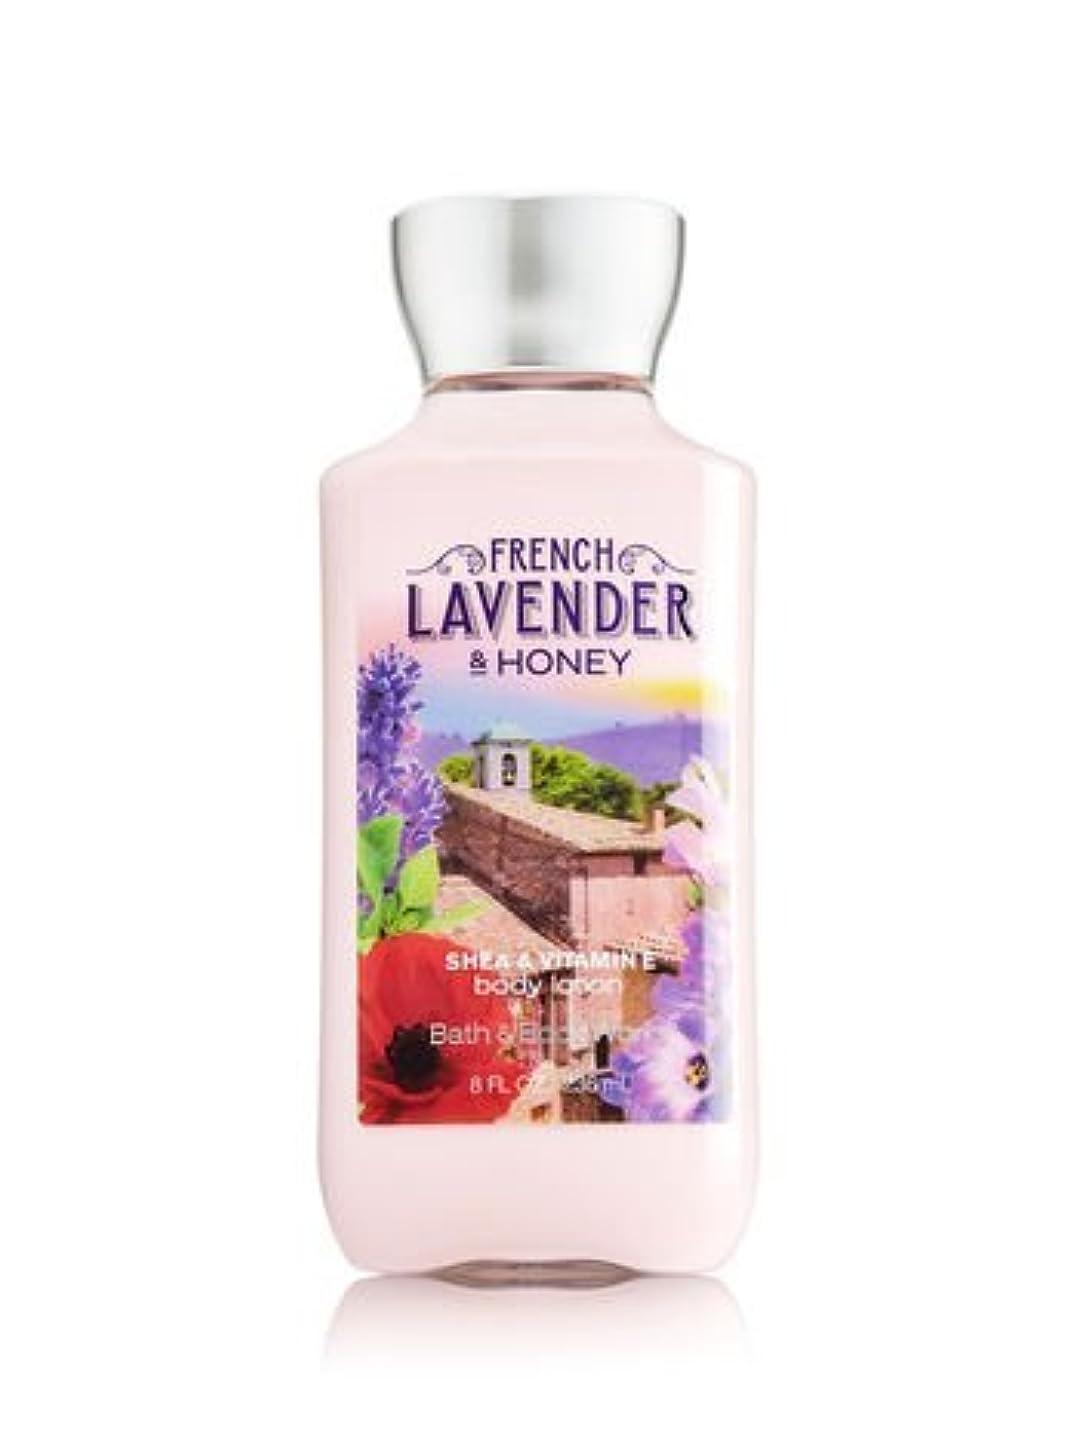 固有の不快なウッズ【Bath&Body Works/バス&ボディワークス】 ボディローション フレンチラベンダー&ハニー Body Lotion French Lavender & Honey 8 fl oz / 236 mL [並行輸入品]